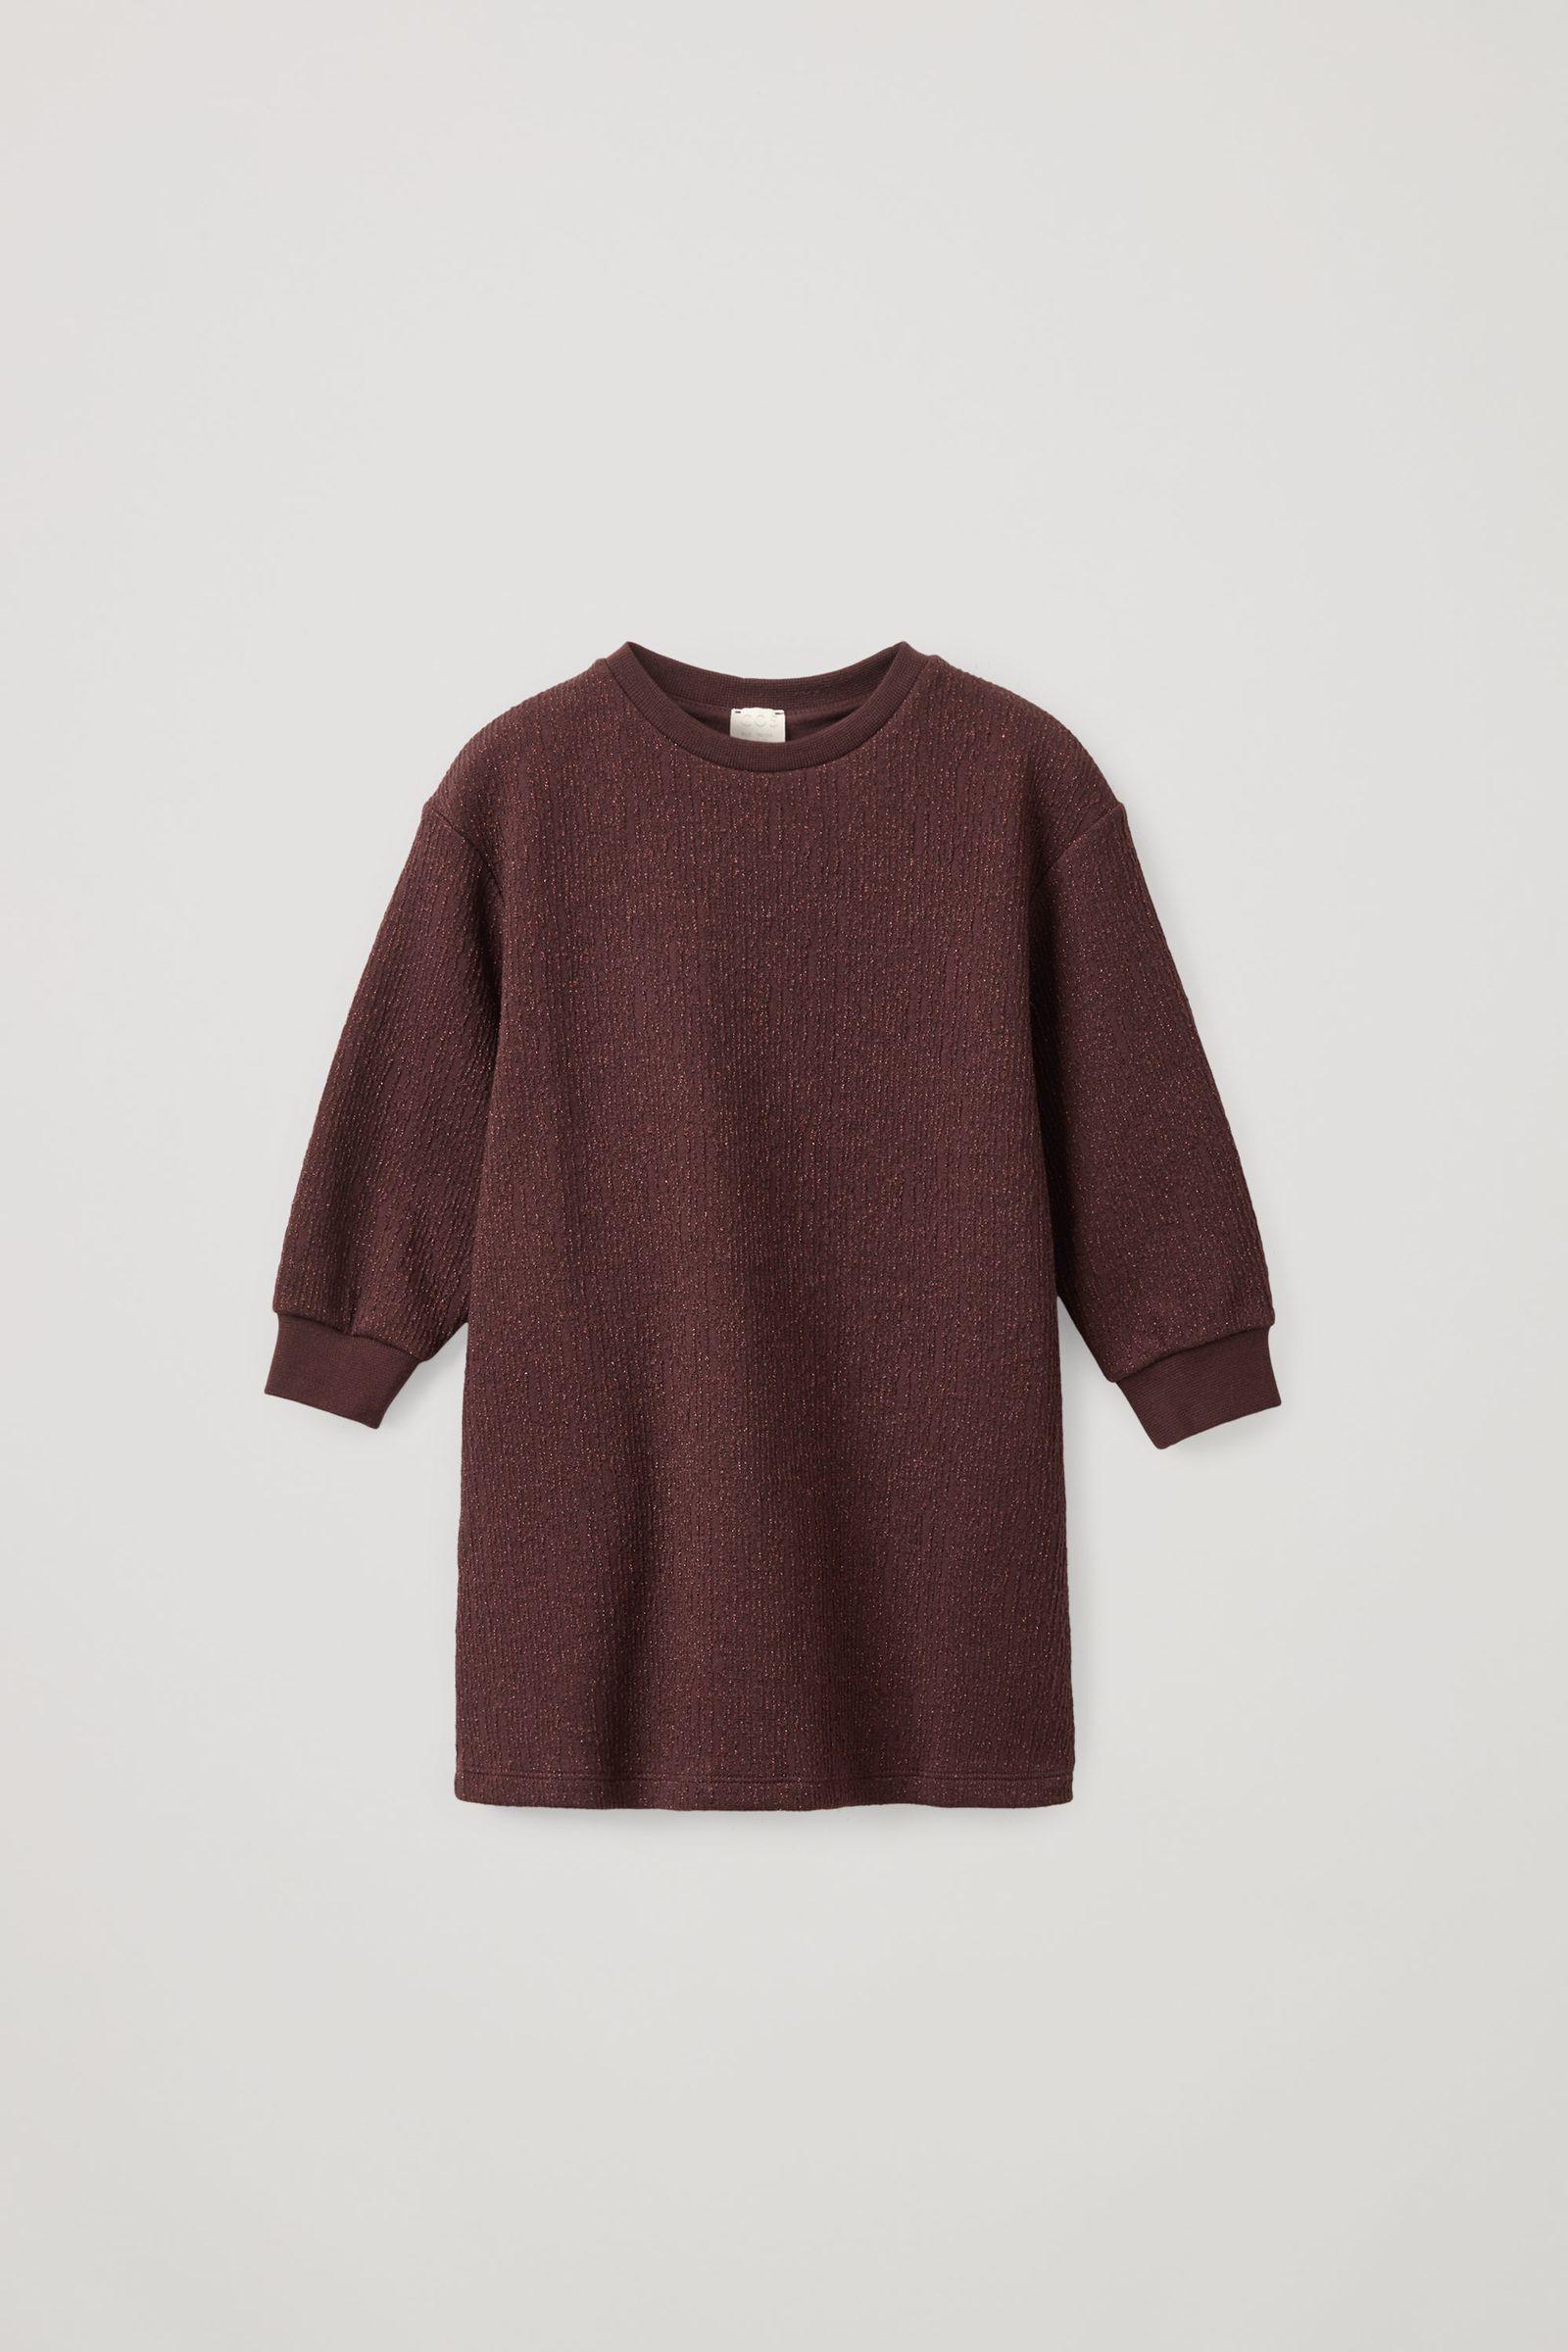 COS 코튼 A라인 루렉스 스웨터 드레스의 퍼플컬러 Product입니다.